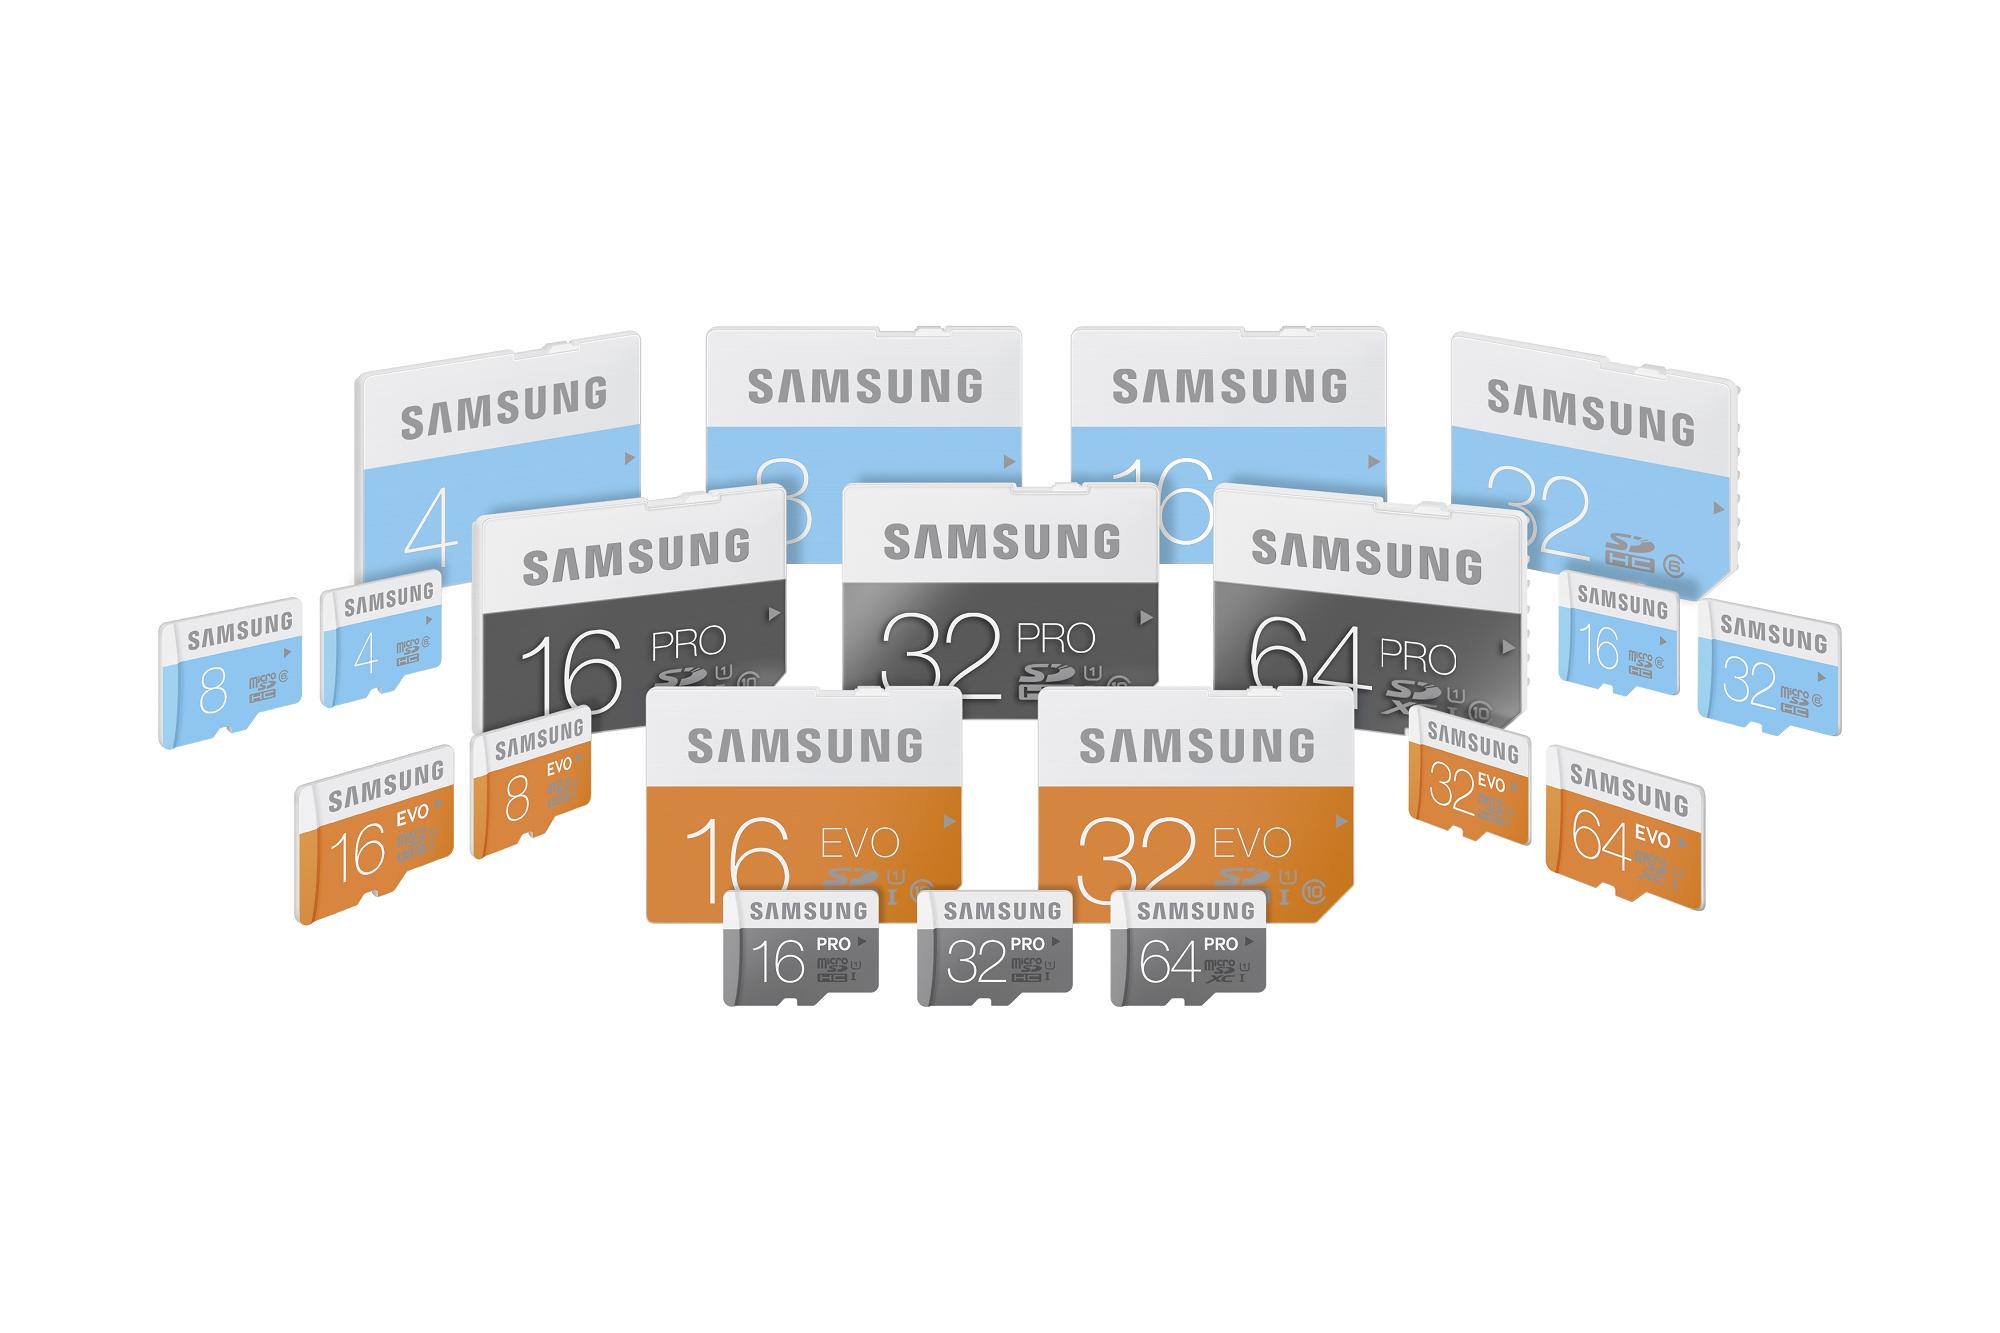 sd karte samsung Samsung stellt neue SD Karten Serien vor: Standard, EVO und PRO